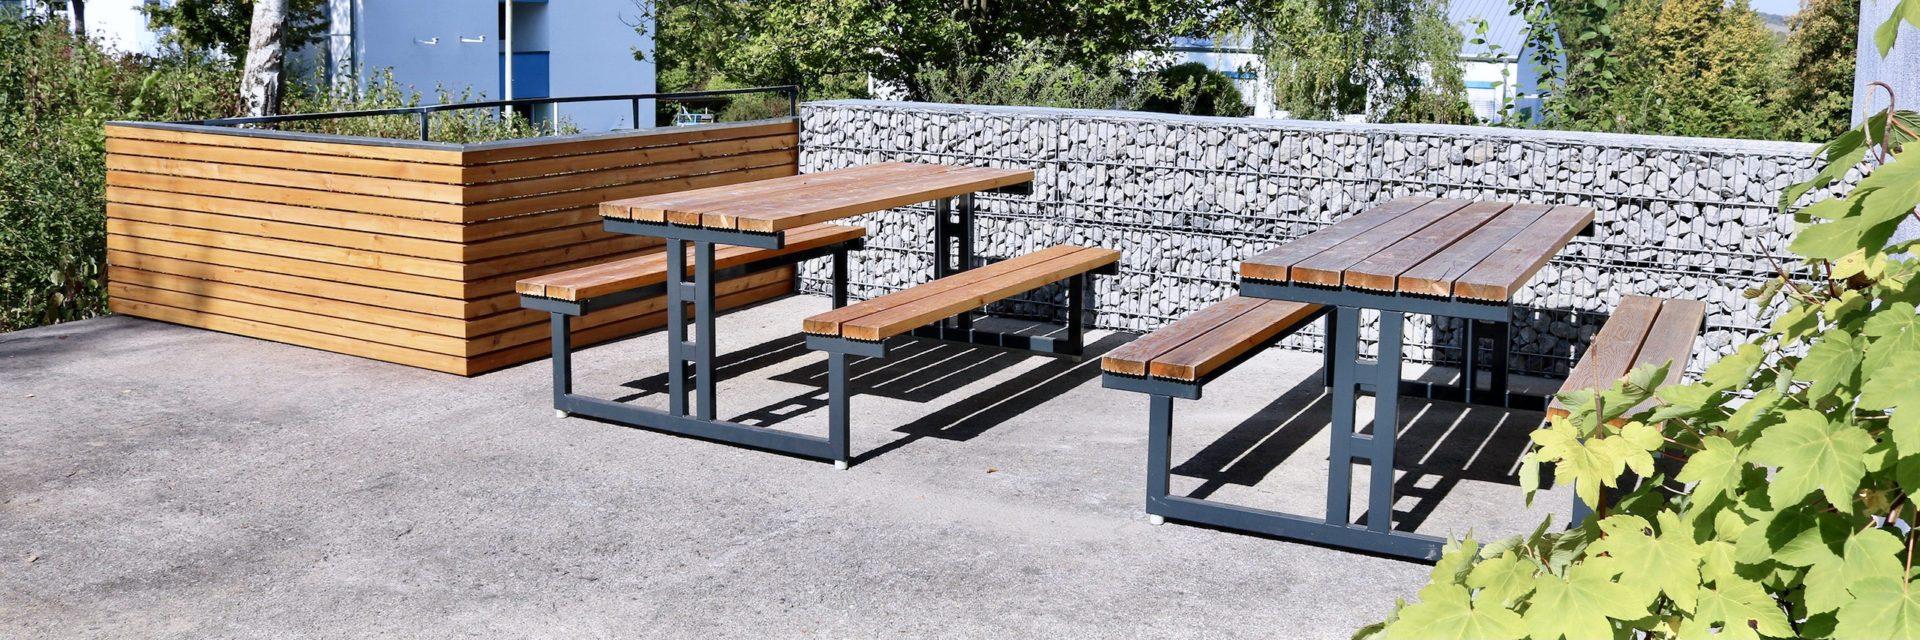 Sitzgelegenheiten – Sitzgruppen und Sitzbänke